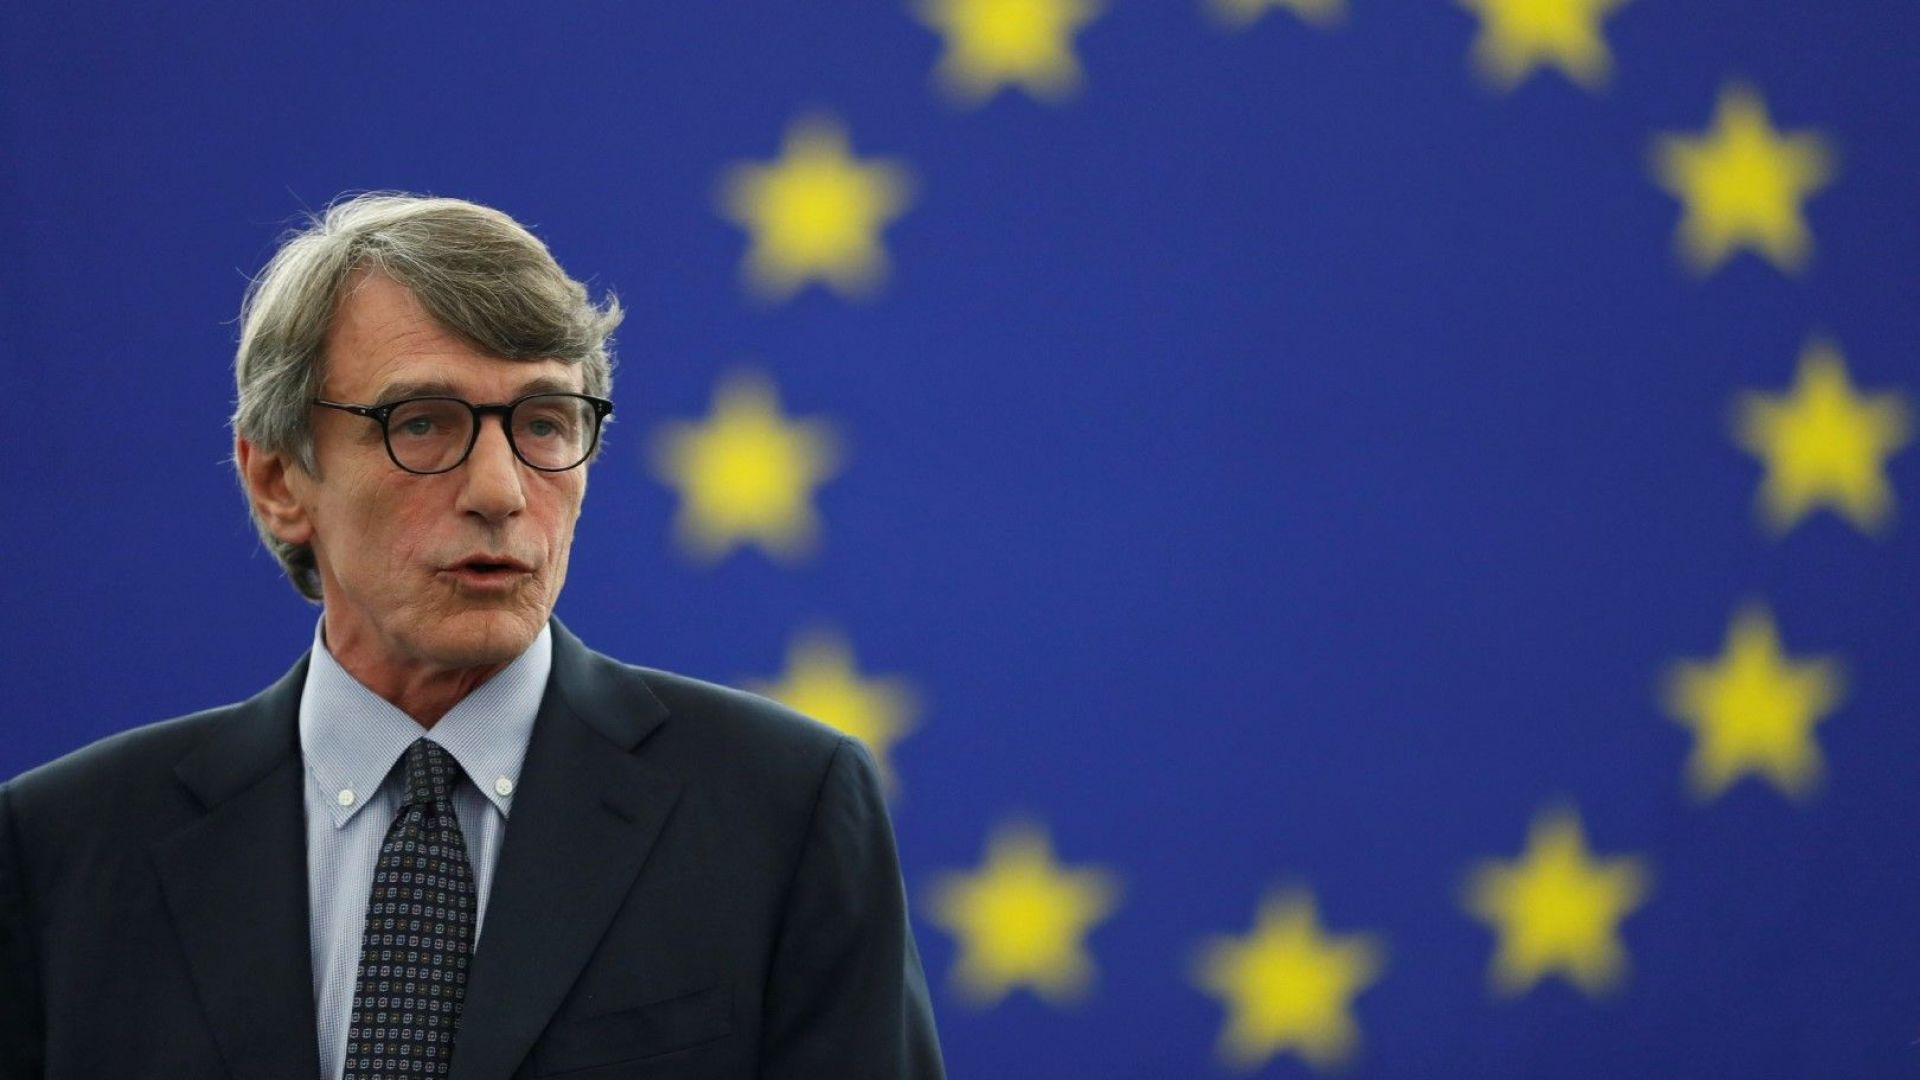 Председателят на ЕП настоя за още € 39 млрд. за възстановителния фонд на ЕС